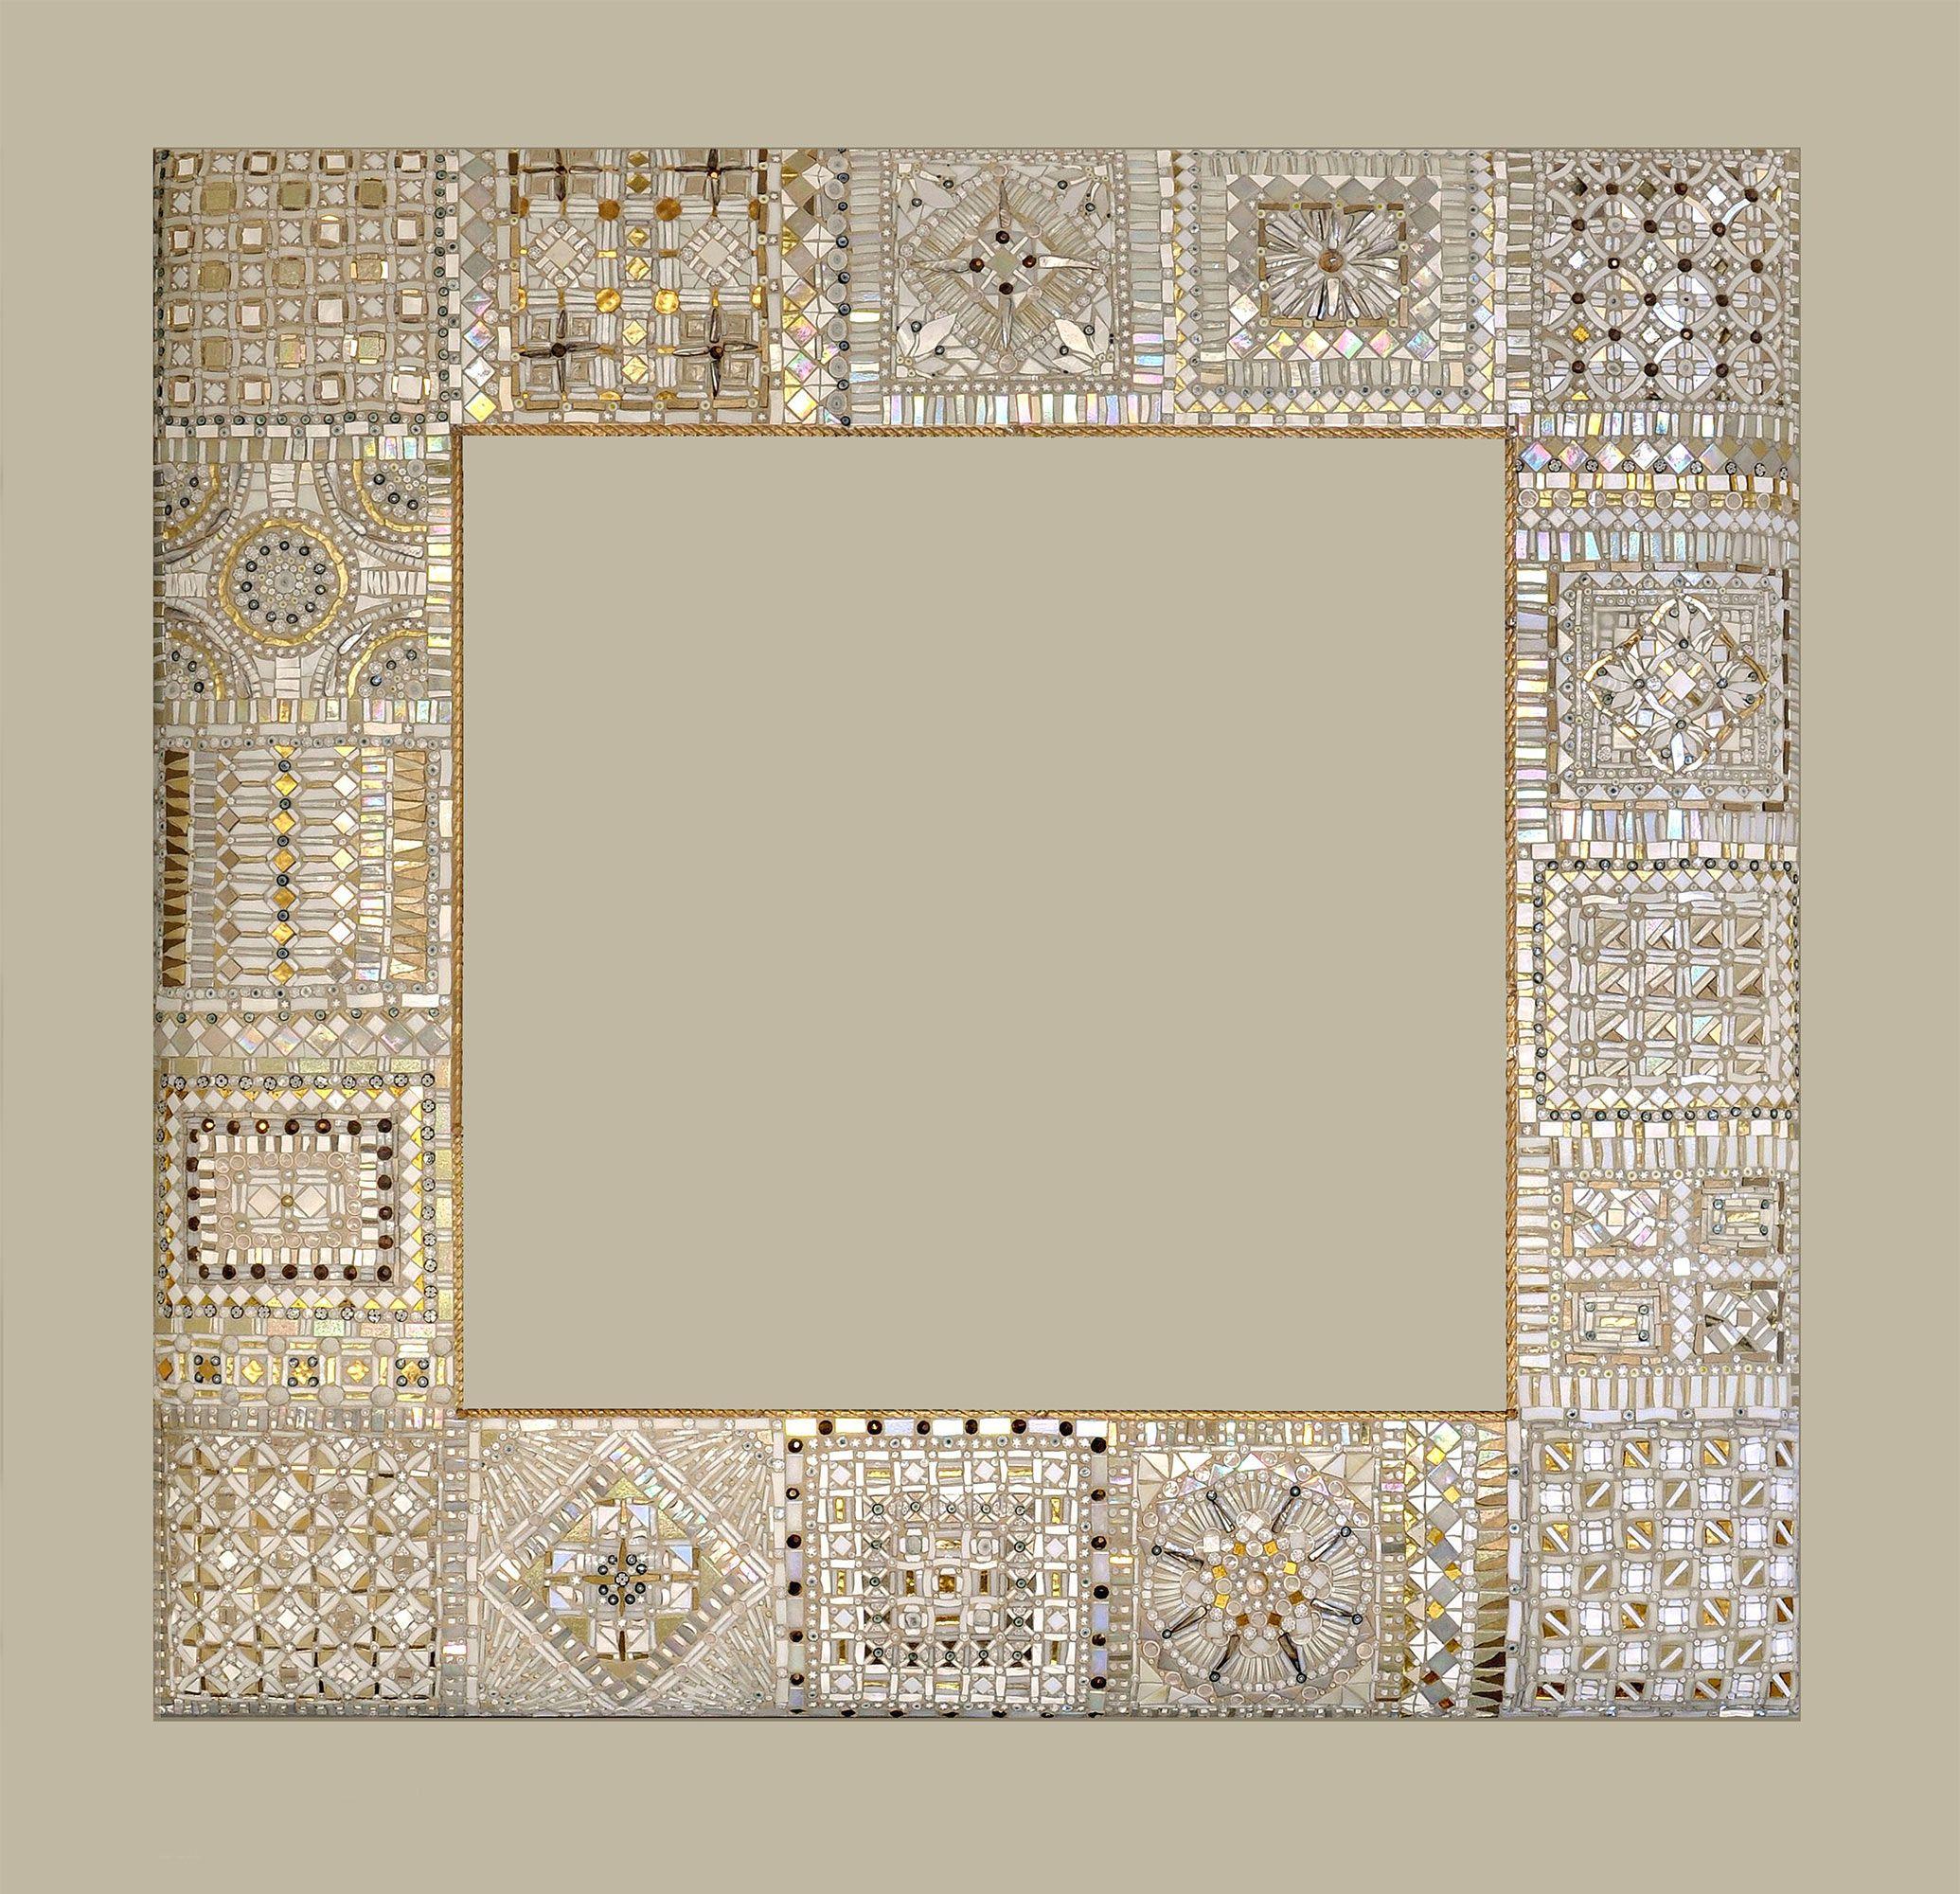 Il Mosaico E Gli Specchi.Specchi In Mosaico Di Dusciana Bravura Mosaique Mosaico A